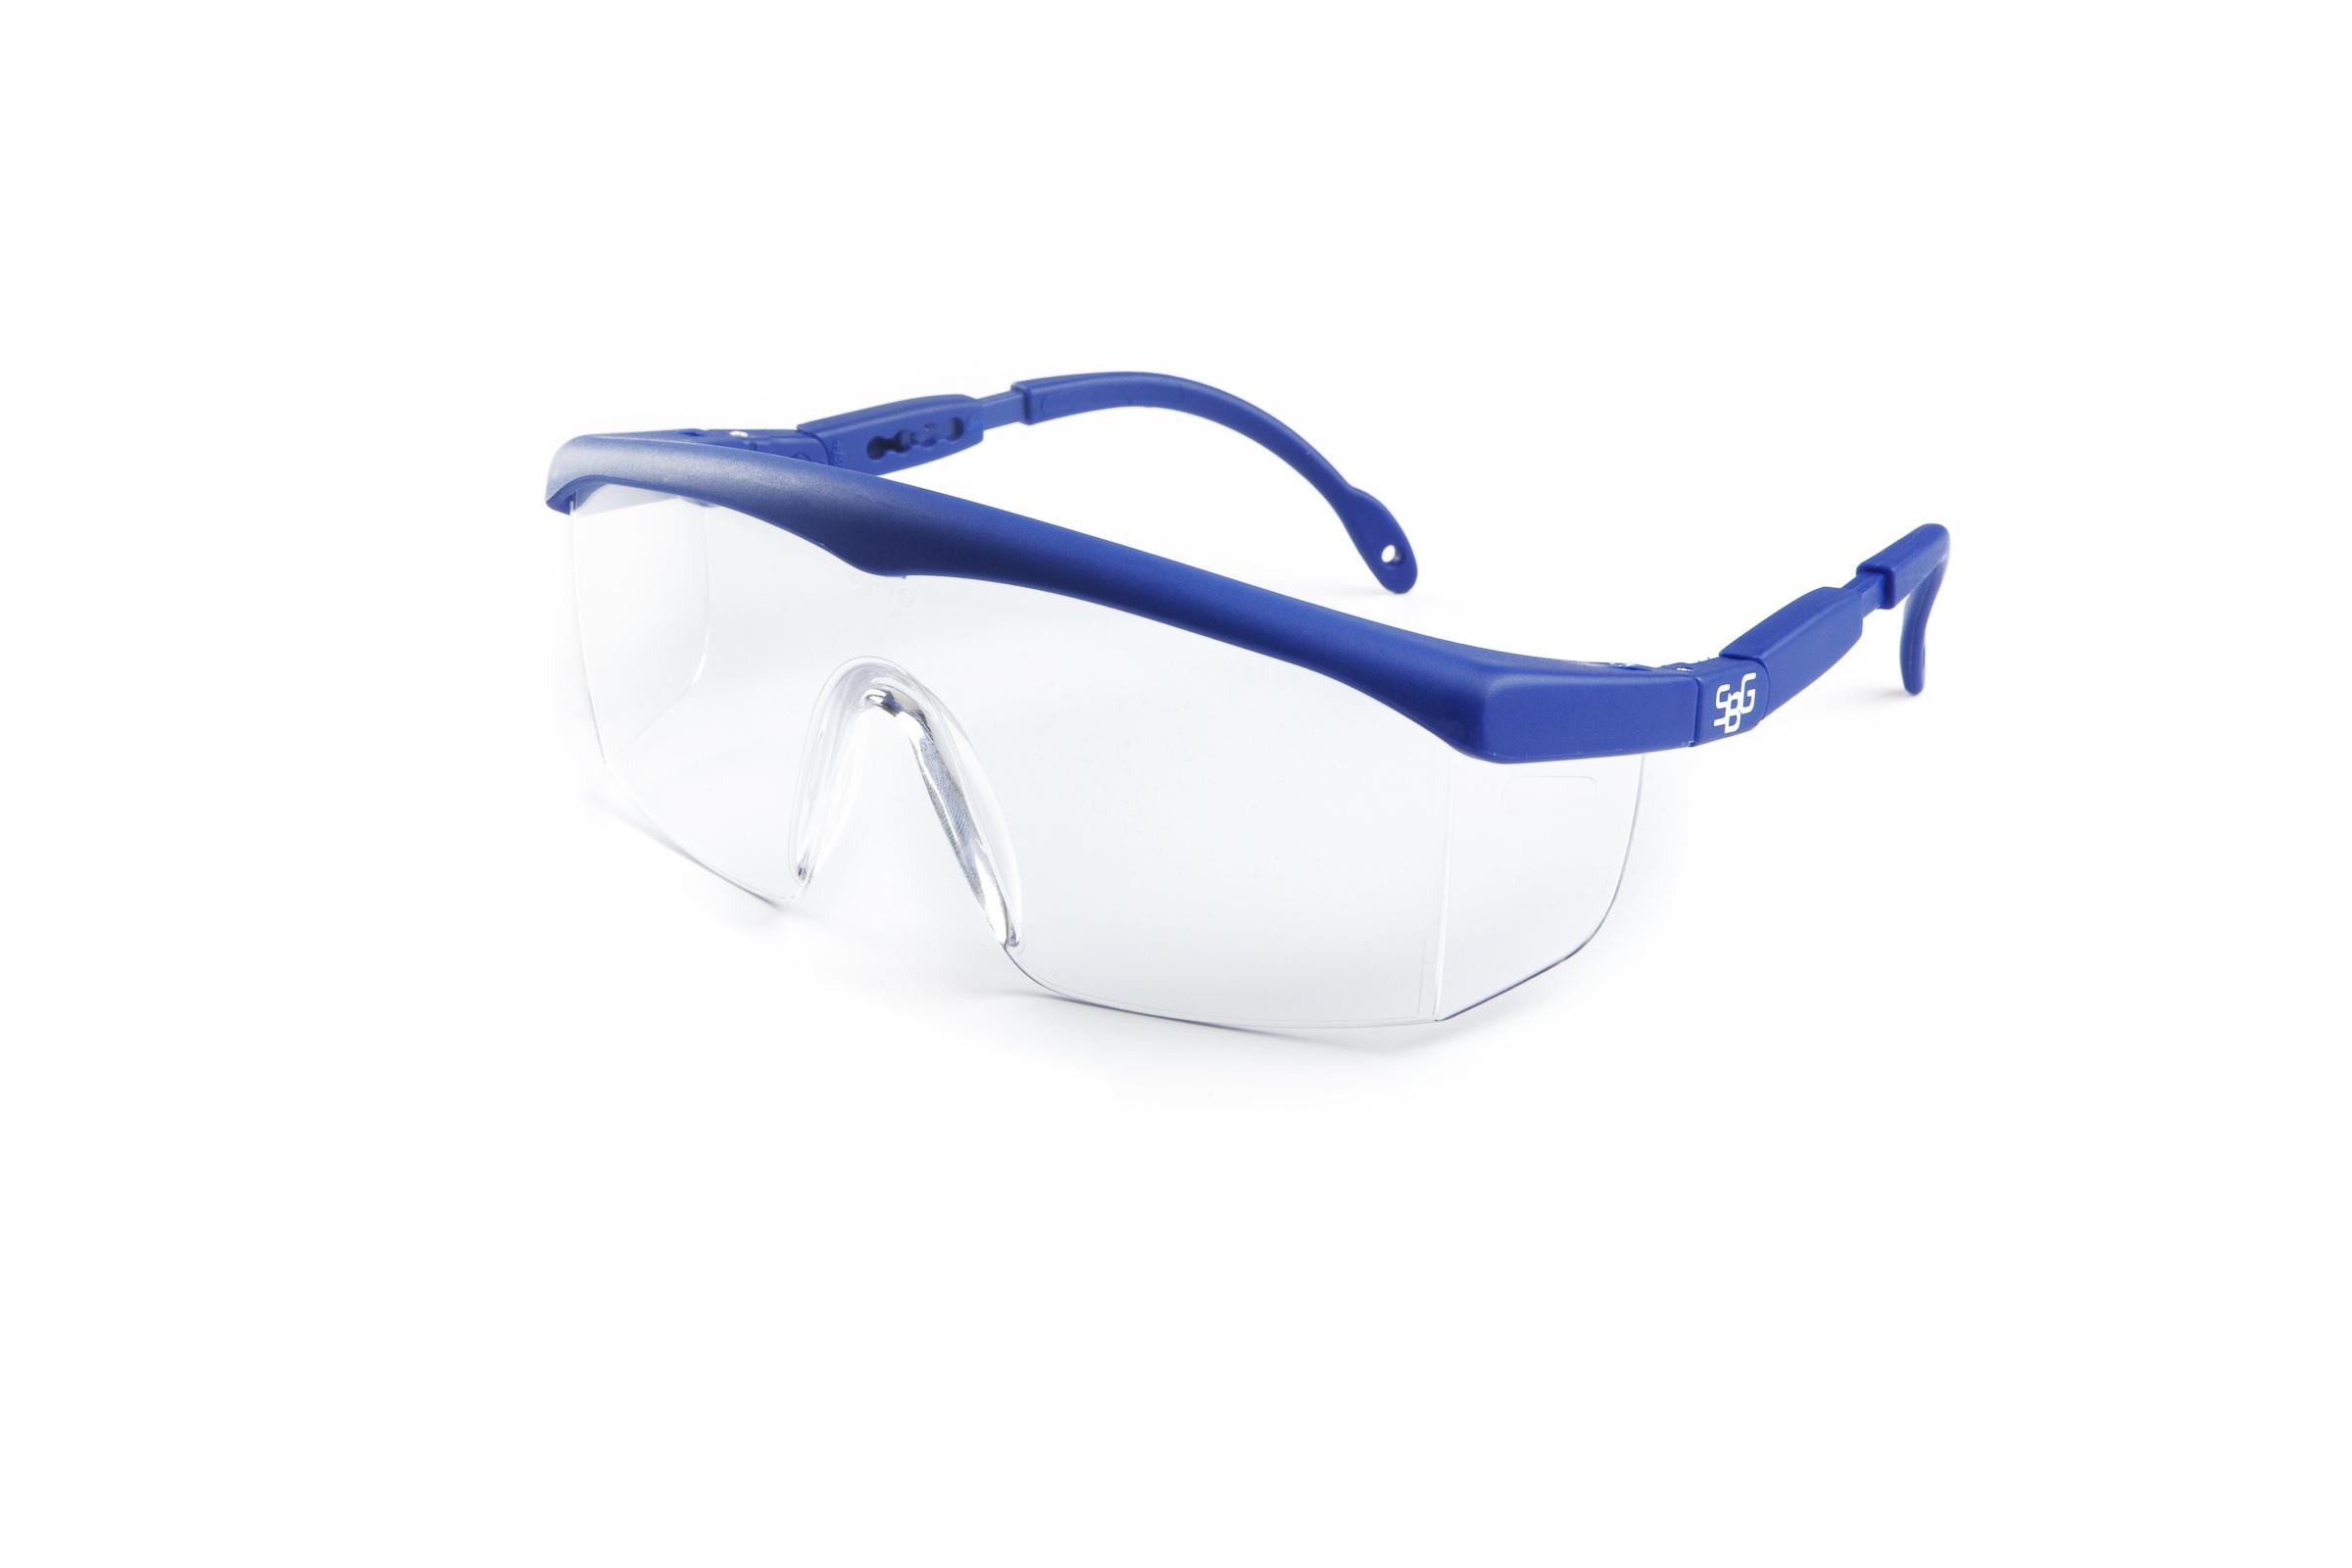 24f78237483 The University of Sydney eStore - Safety Glasses - SG1